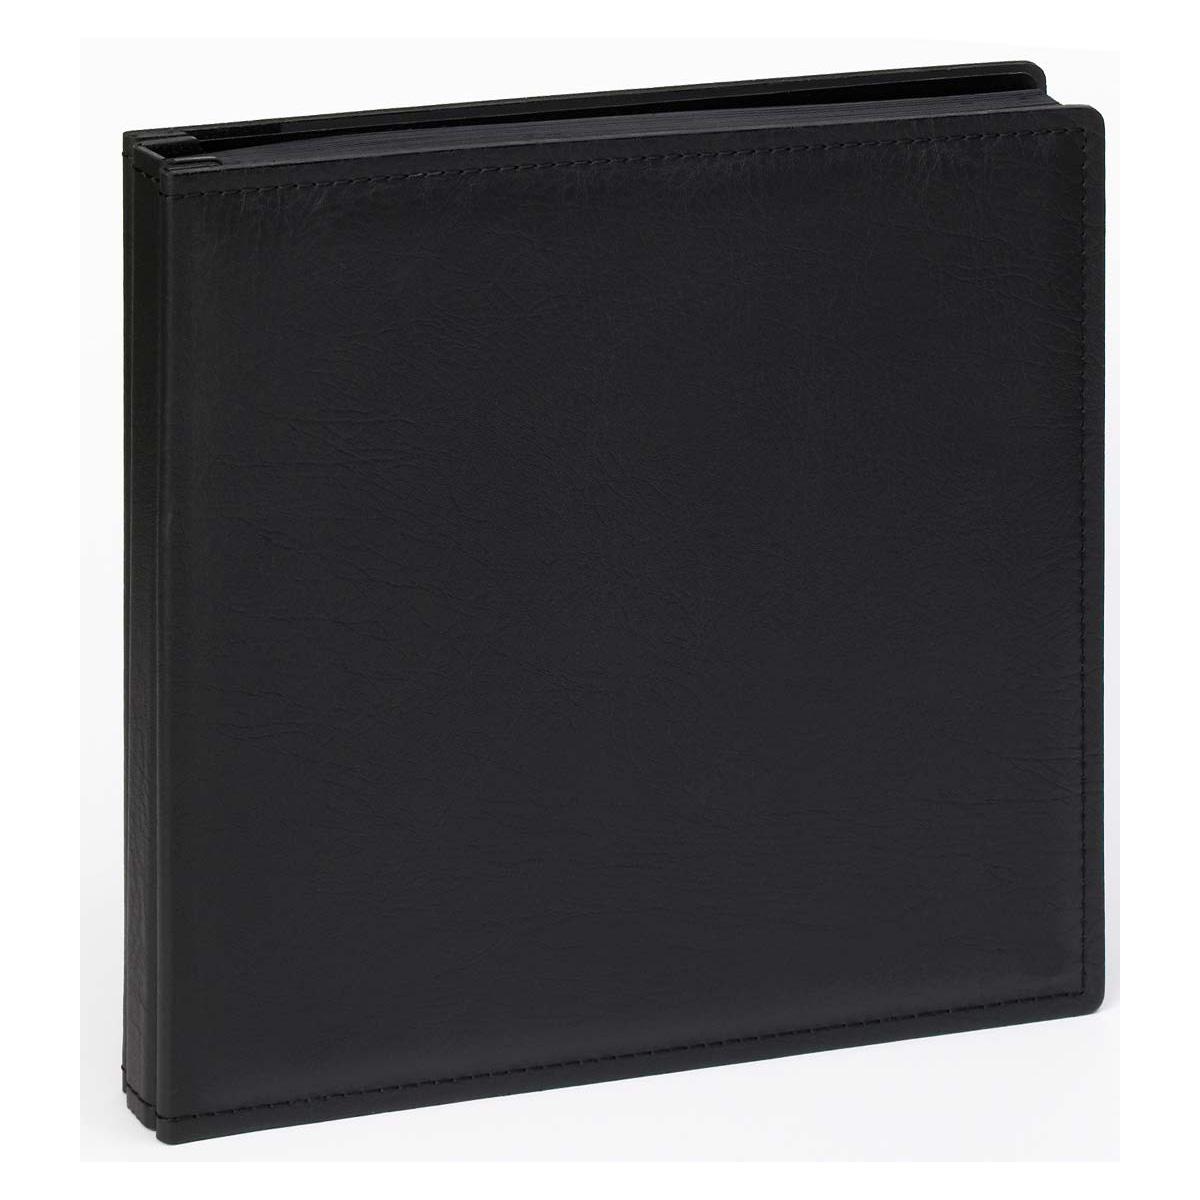 Album di foto Premium con rilegatura a vite di 80 pagine nere